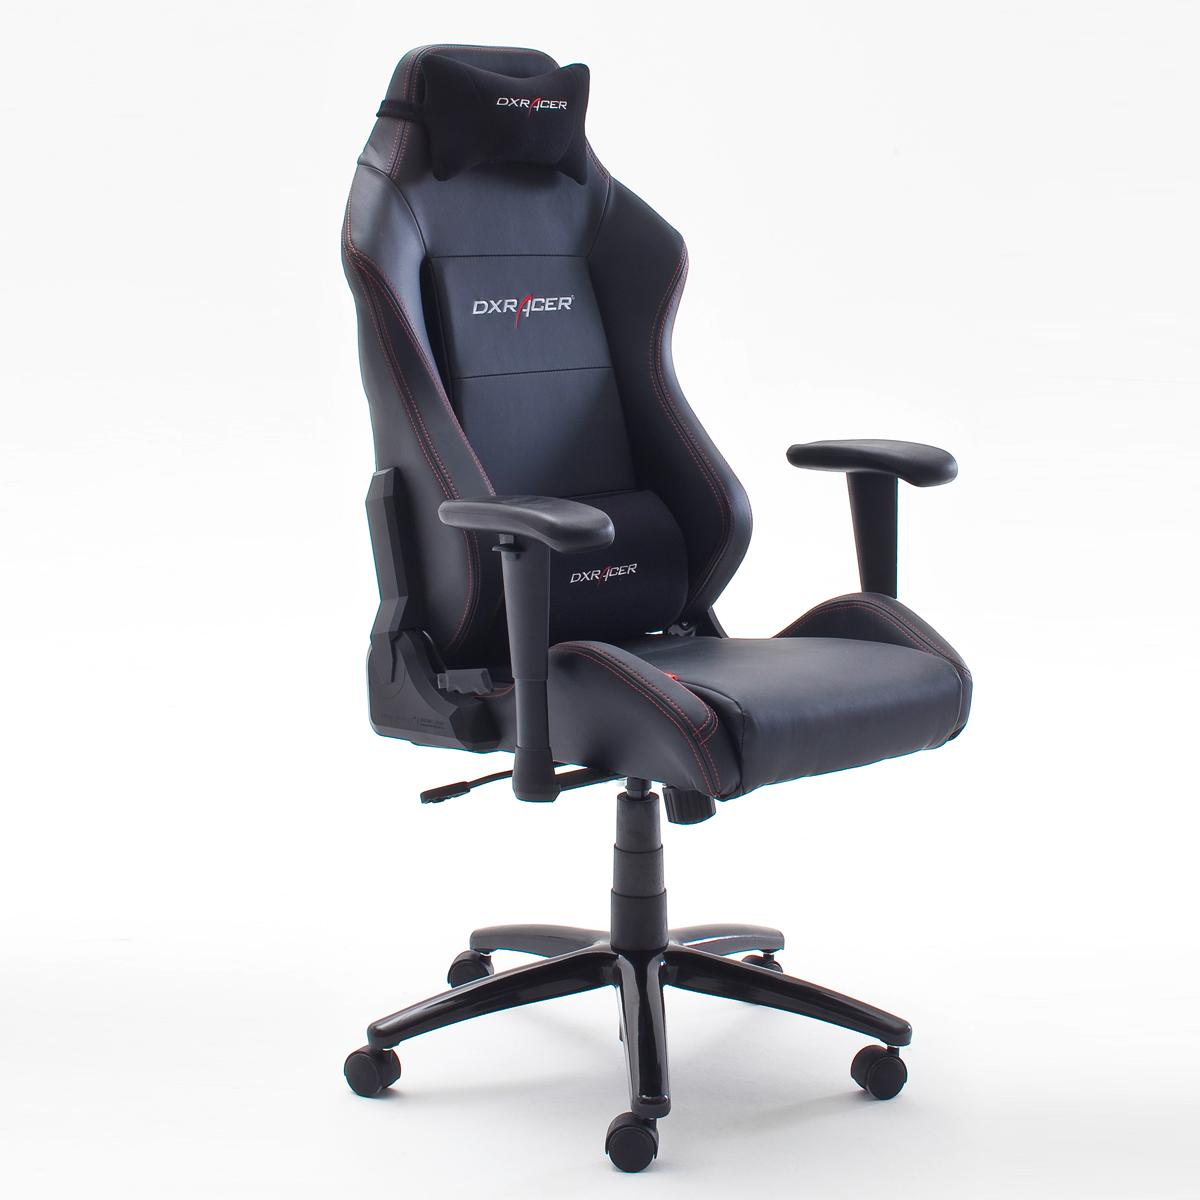 schreibtischstuhl dx racer design b rostuhl game chair verschiedene ausf hrungen ebay. Black Bedroom Furniture Sets. Home Design Ideas